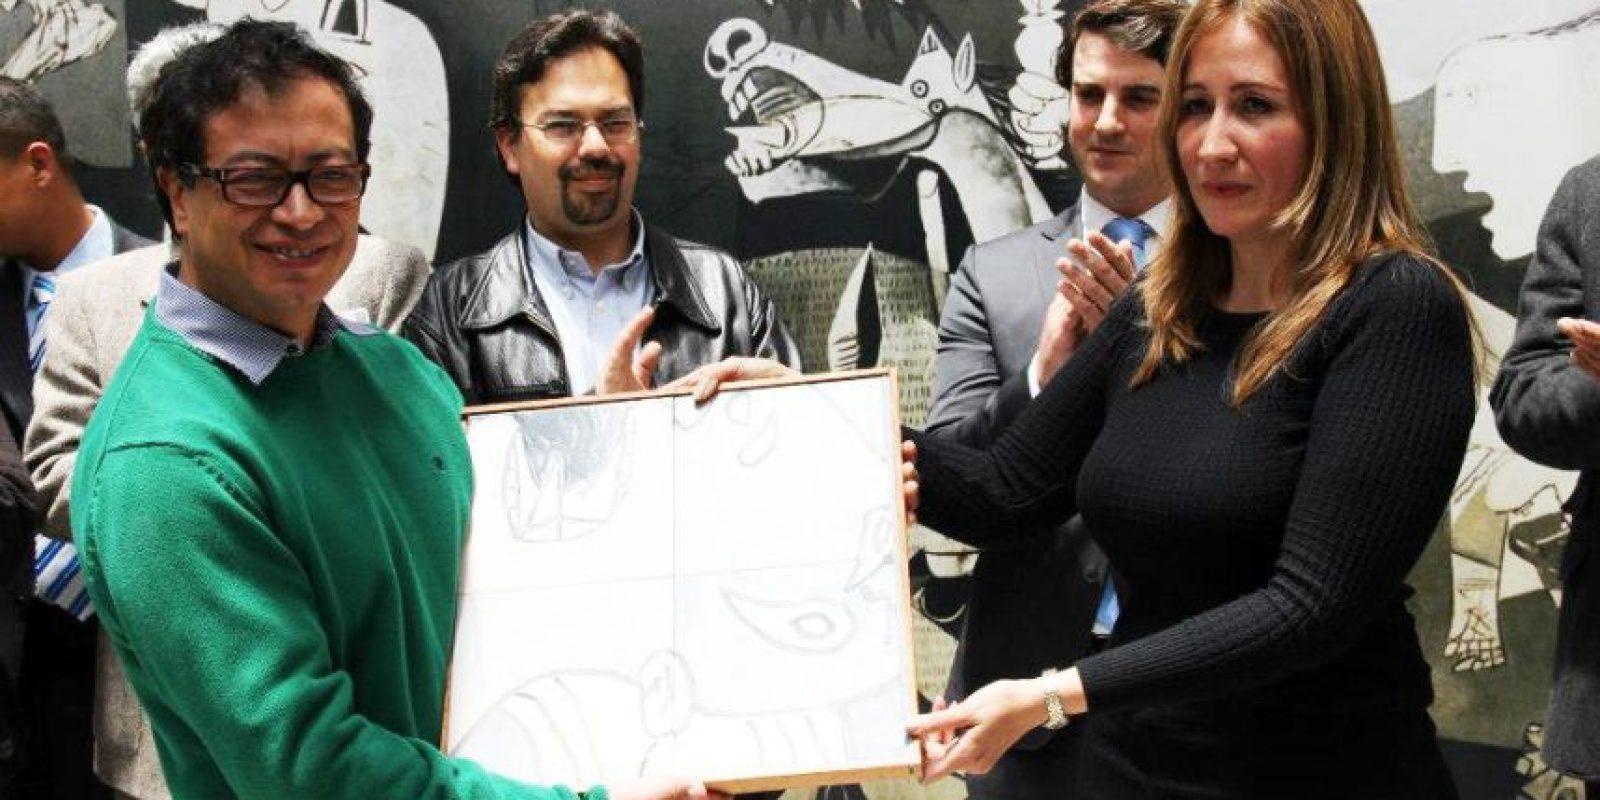 El Gobierno Vasco hizo la entrega oficial de una réplica del 'Guernica' del maestro Pablo Picasso al alcalde Gustavo Petro. Foto:Oficina de prensa Alcaldía Local de Teusaquillo